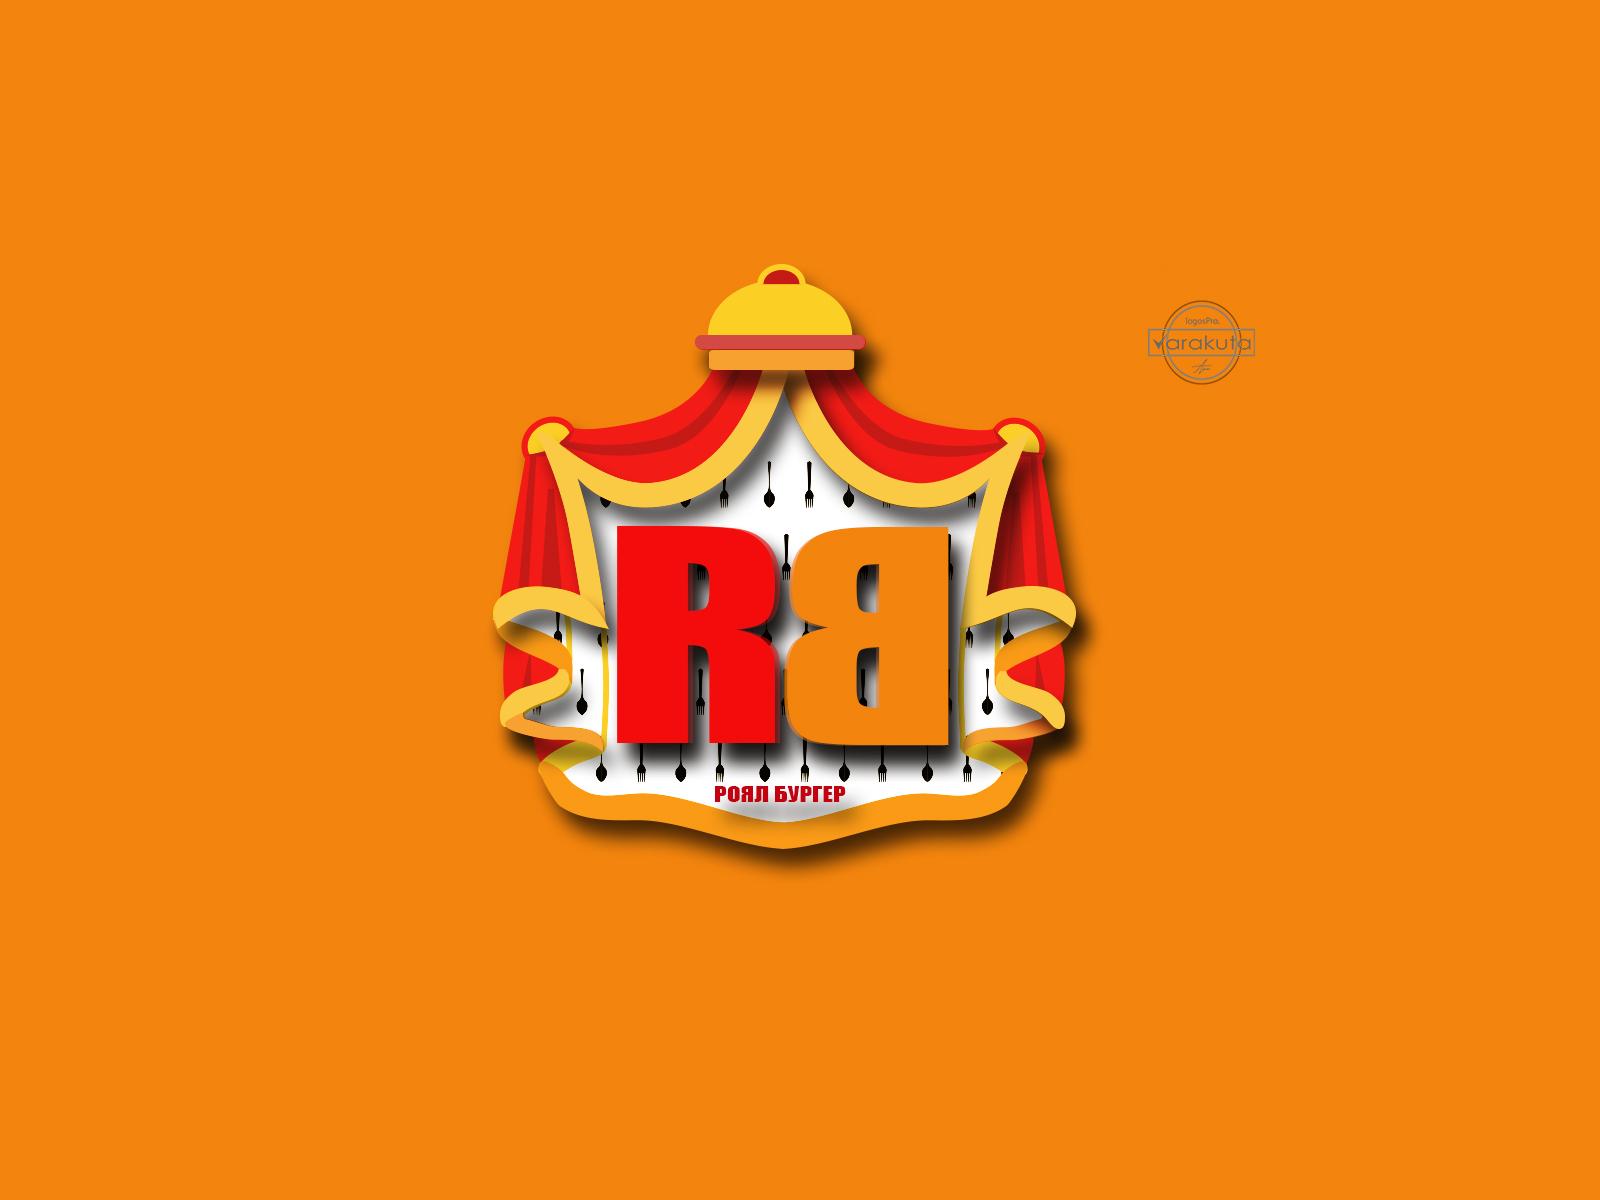 Обновление логотипа фото f_45259b47981c583a.jpg